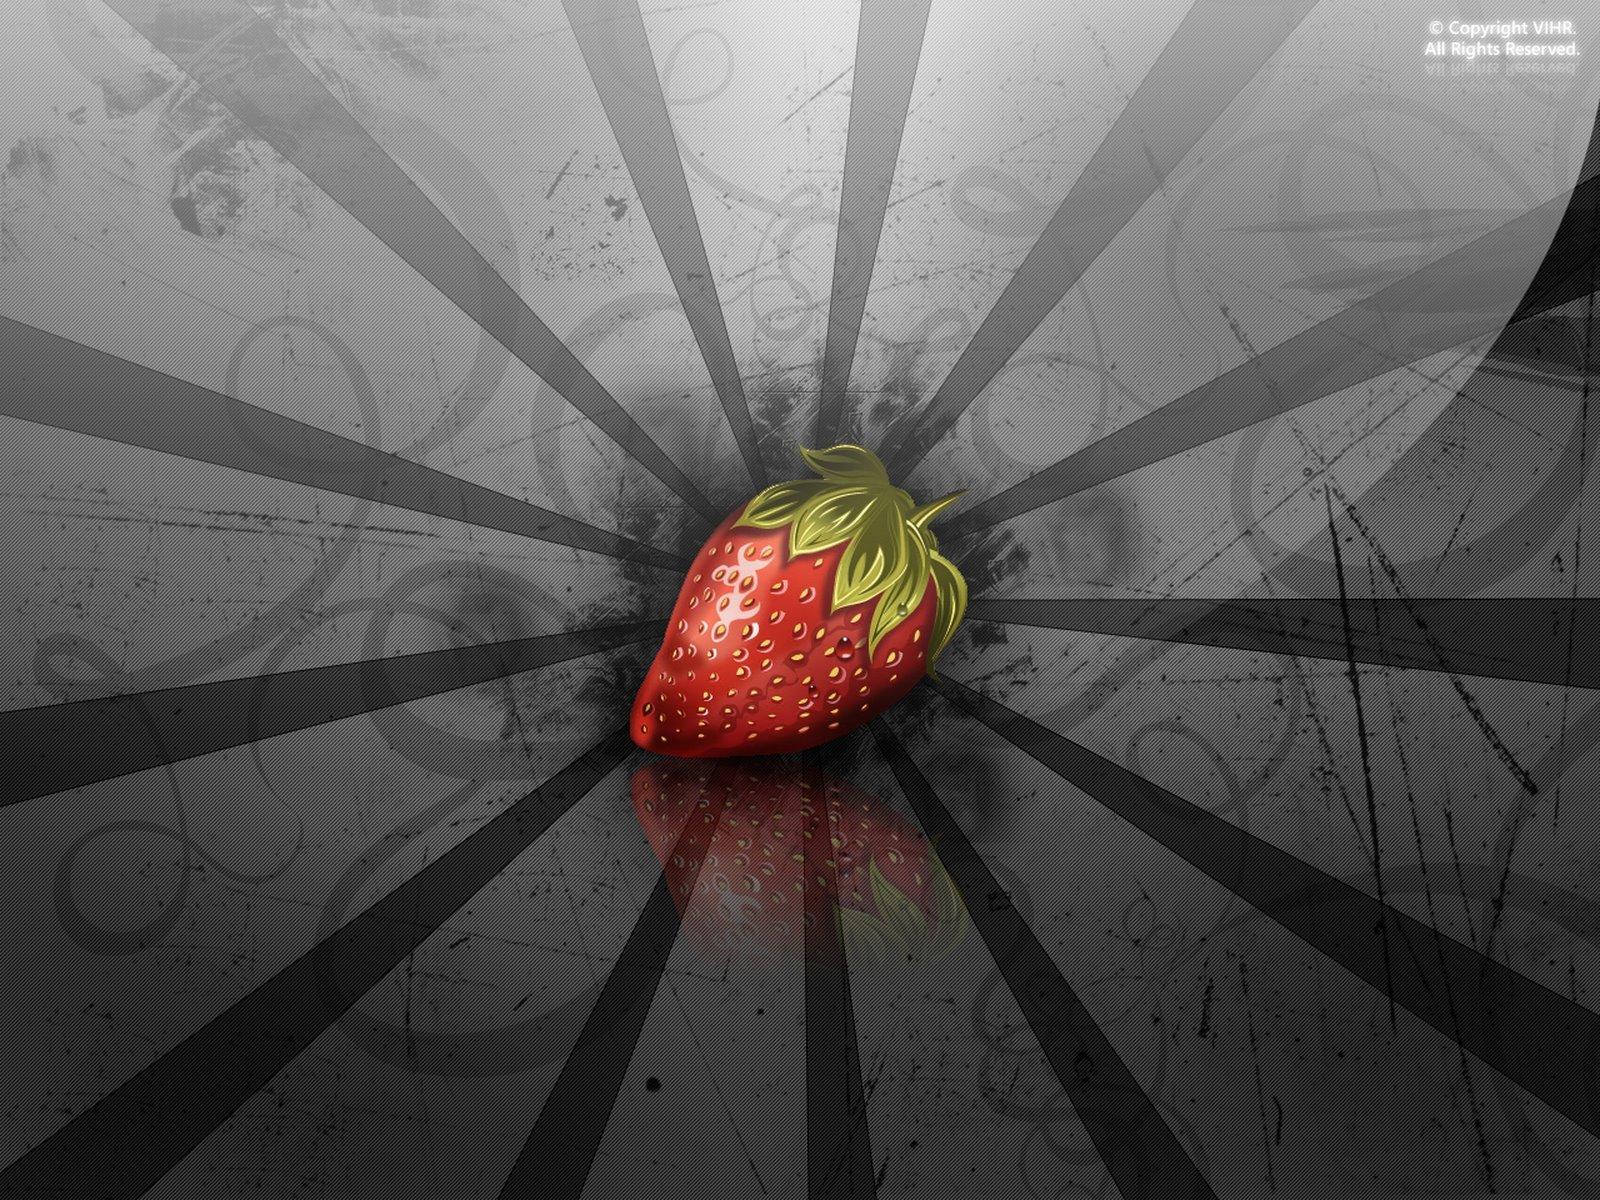 http://2.bp.blogspot.com/_NjdBzKI5nYs/Sc7_2yS-qqI/AAAAAAAABvc/ZPzV-M6DDVE/s1600/free%2Bstrawberry%2Bwallpaper%2Bdownload%2Bpc.jpg